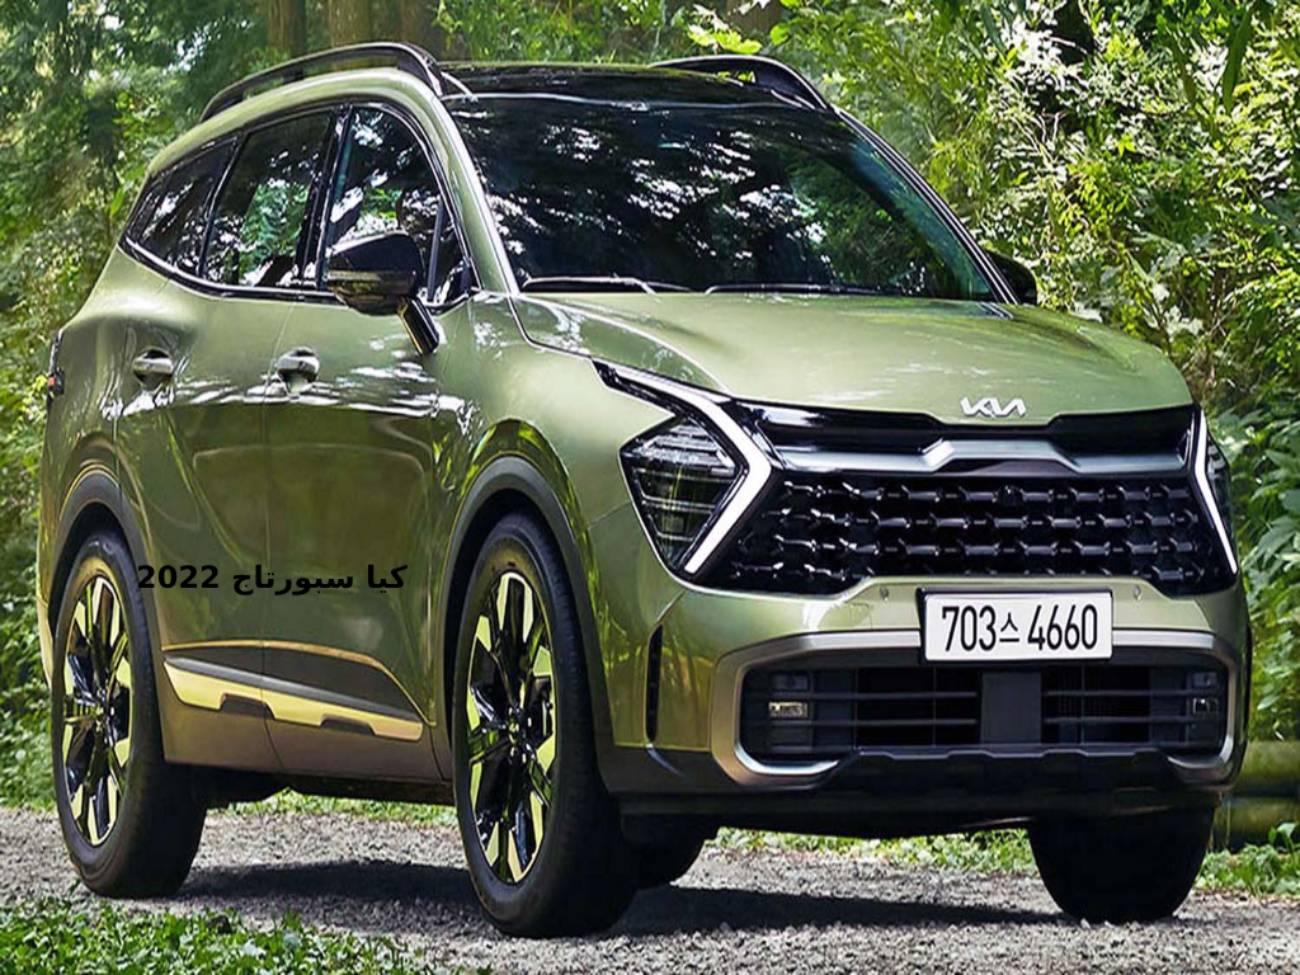 تقييم سيارة كيا سبورتاج 2022 بالمواصفات والأسعار في السعودية